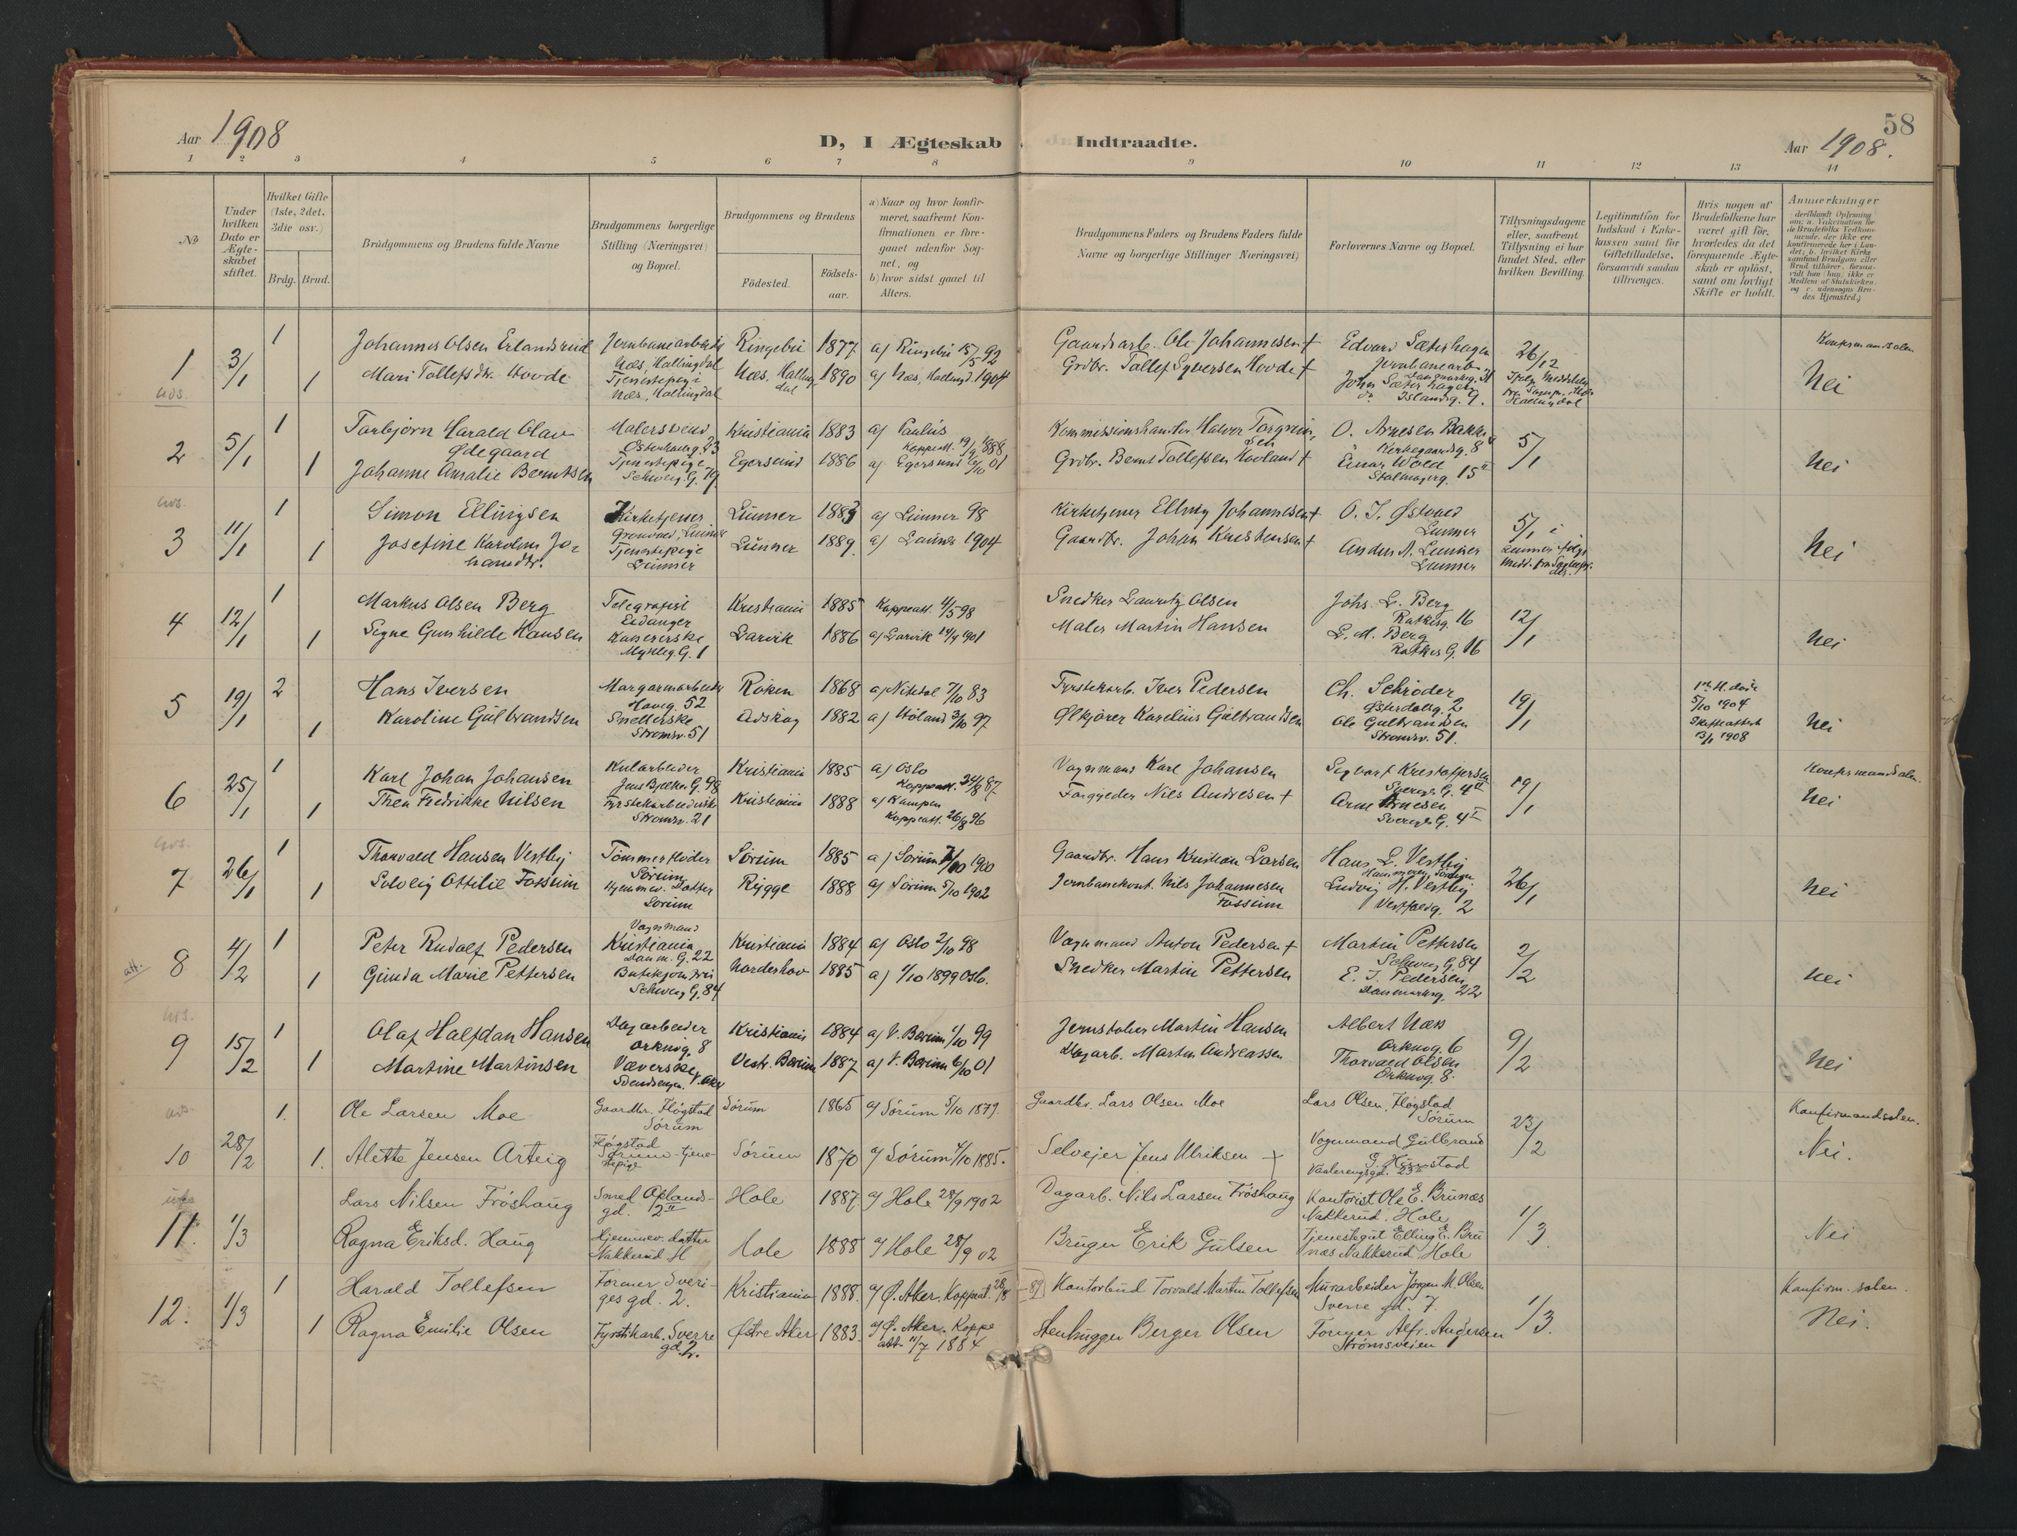 SAO, Vålerengen prestekontor Kirkebøker, F/Fa/L0002: Ministerialbok nr. 2, 1899-1924, s. 58